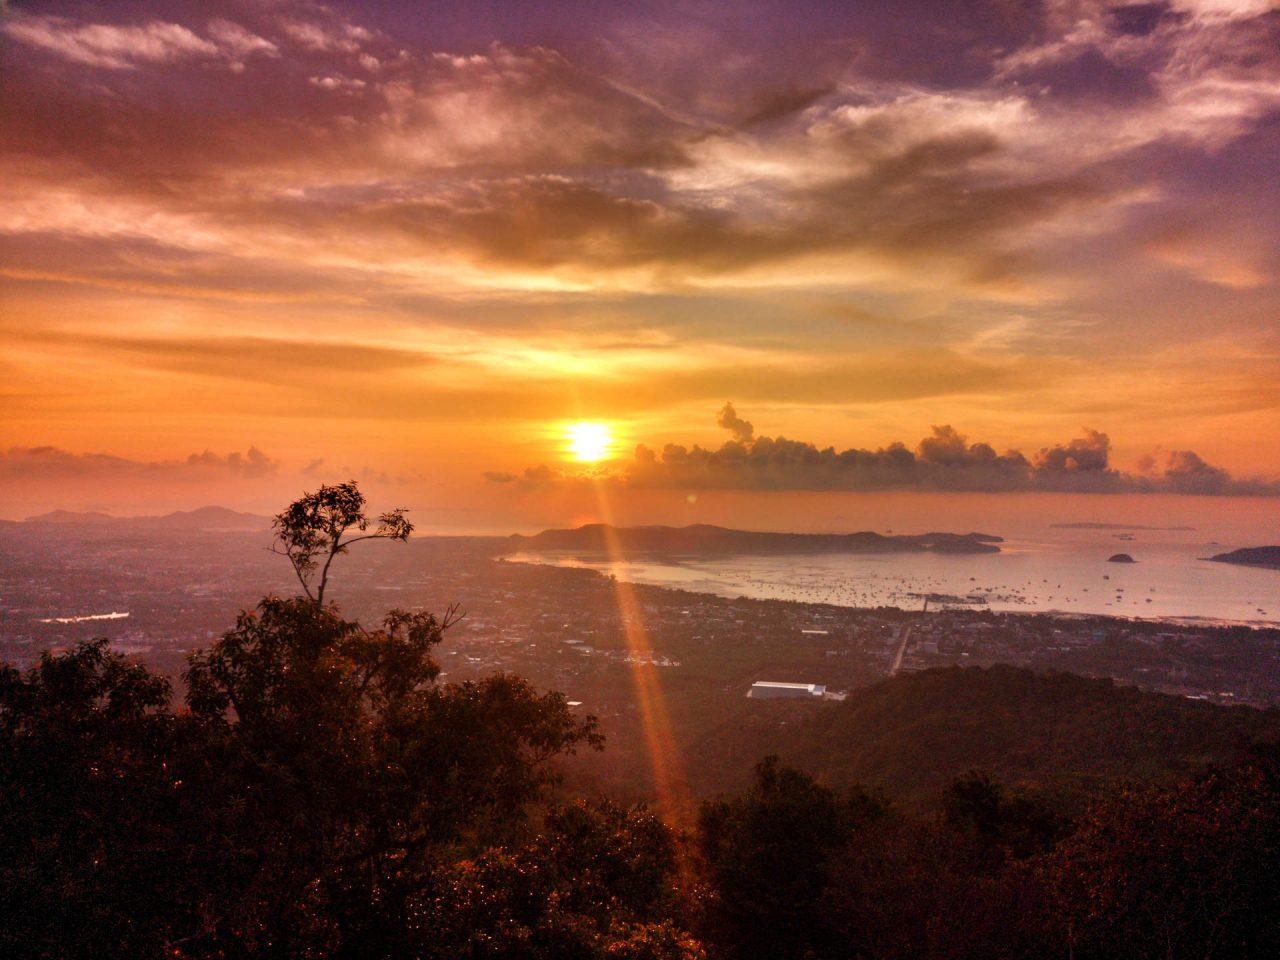 Traumhafter Sonnenaufgang vom Big Buddha aus fotografiert über der Chalong Bay auf Phuket, Thailand. Ein perfekter Urlaubstag auf Phuket. Wanderhunger